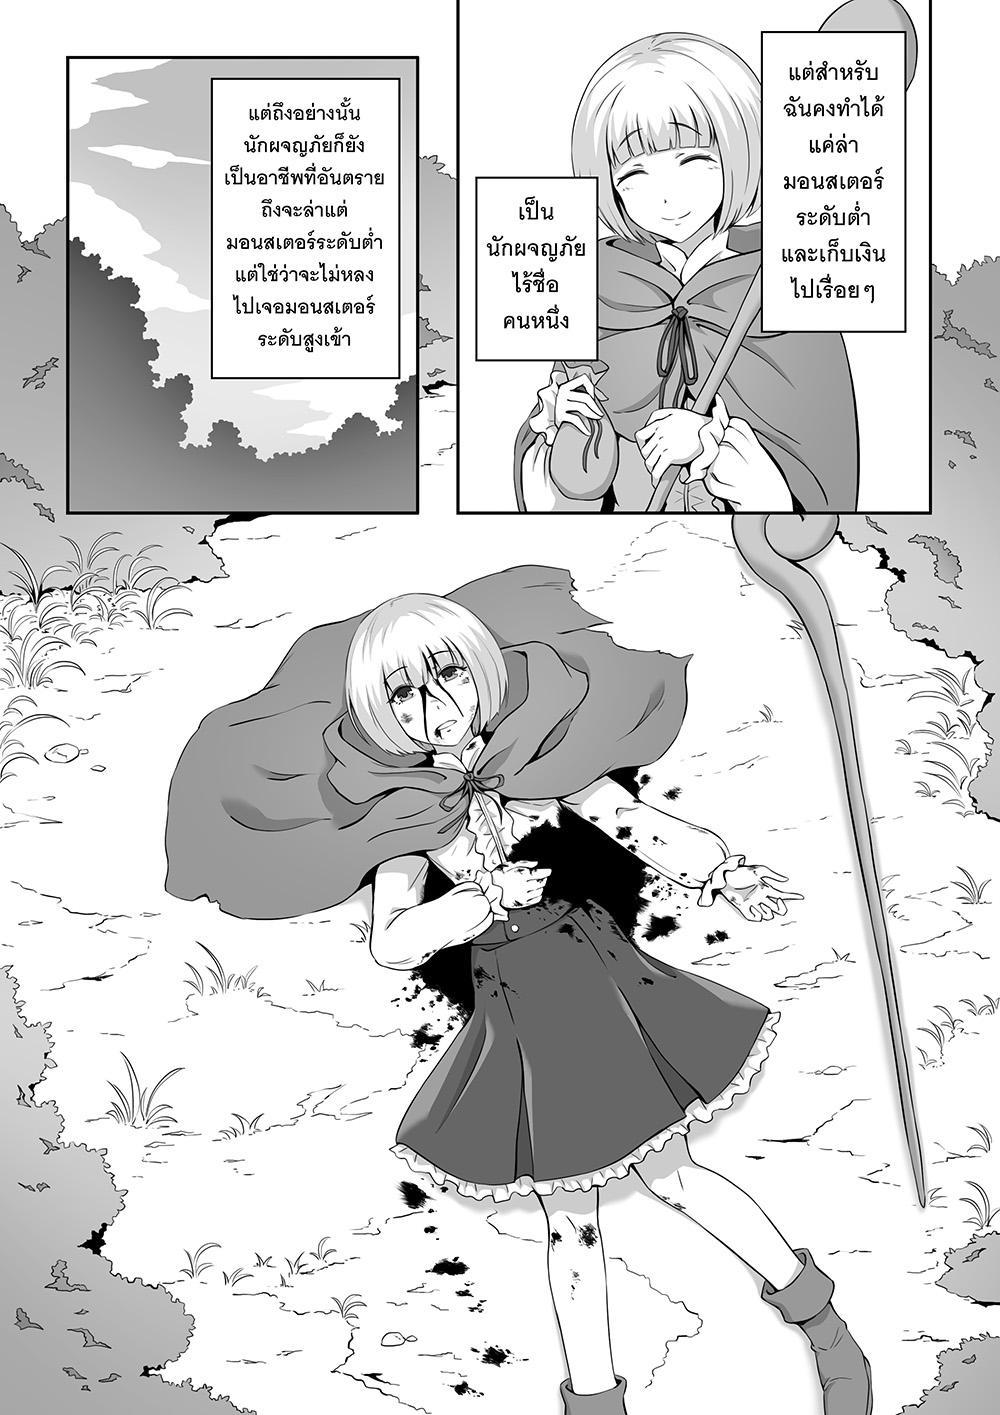 อ่านการ์ตูน LUNA The New Demonlord ตอนที่ 1 หน้า 4